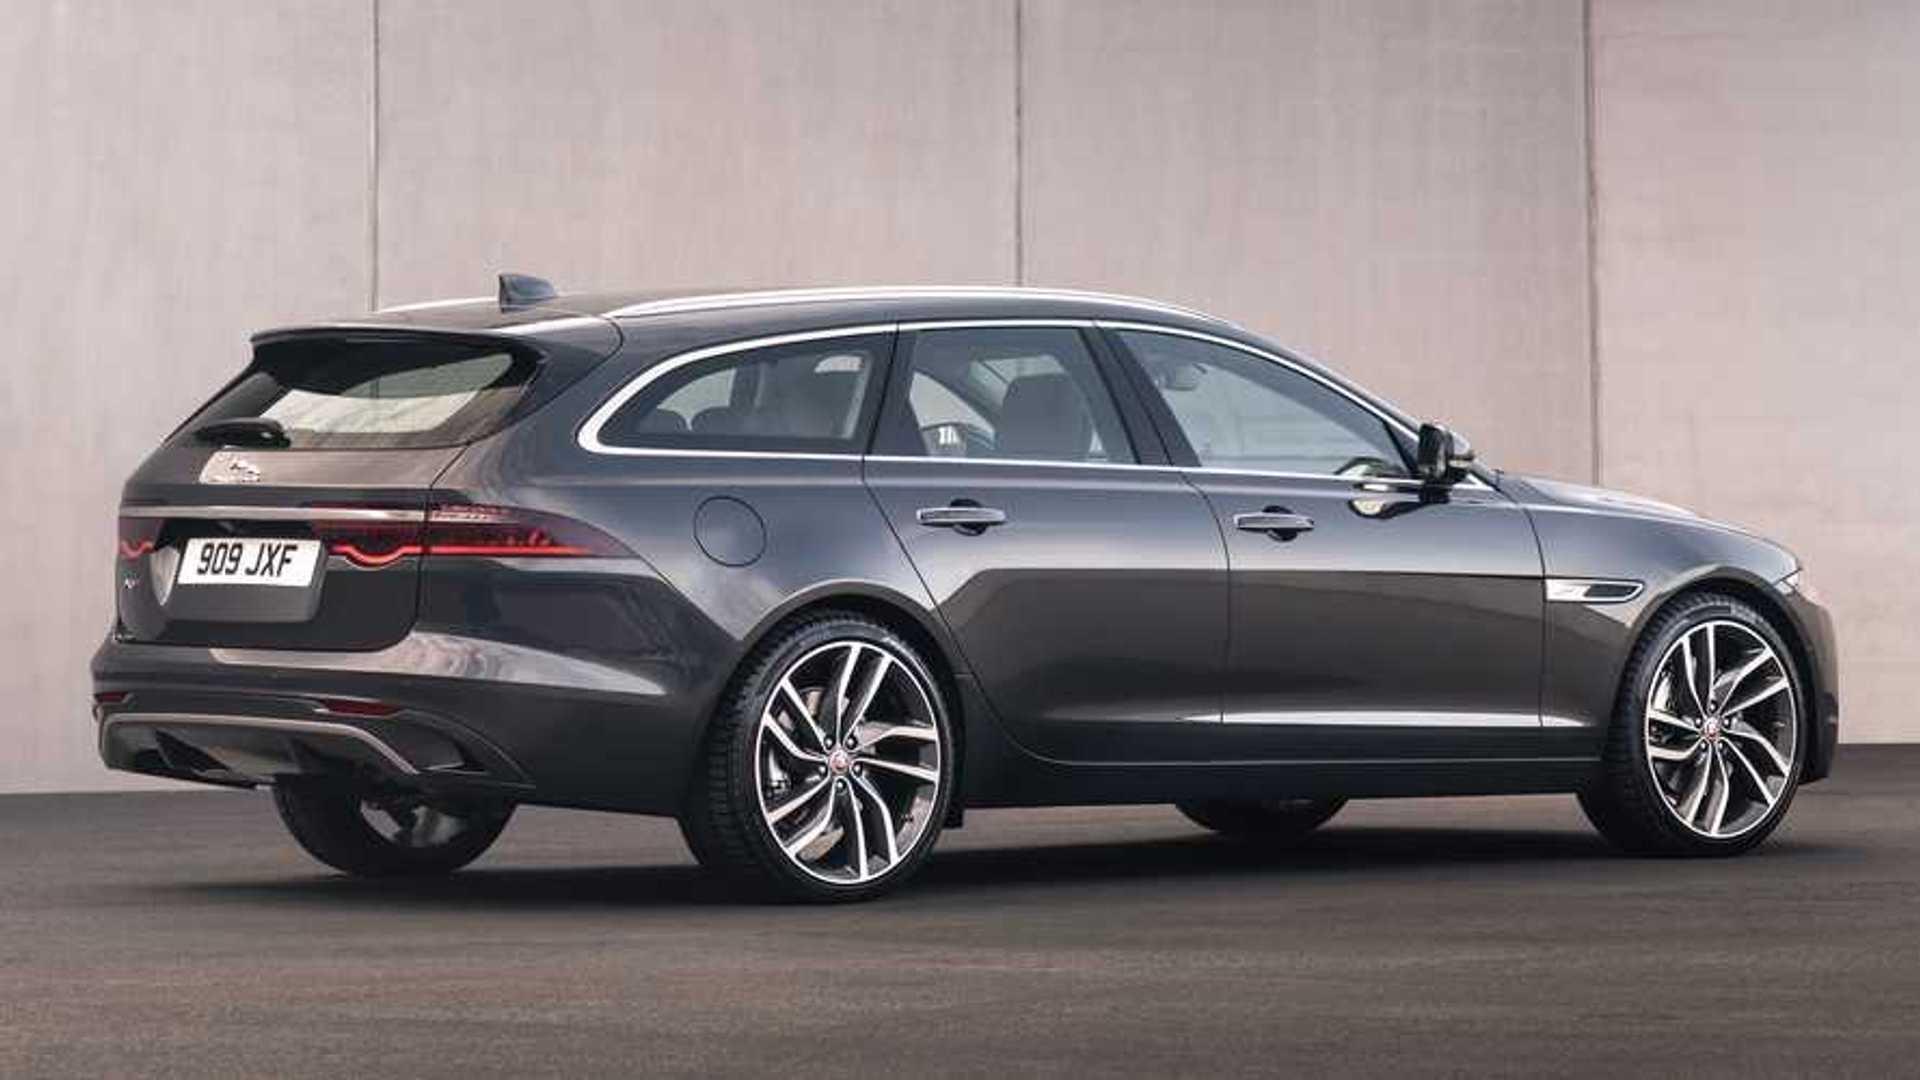 2021 Jaguar XF Sportbrake Debuts, But The Wagon Is Dead In ...